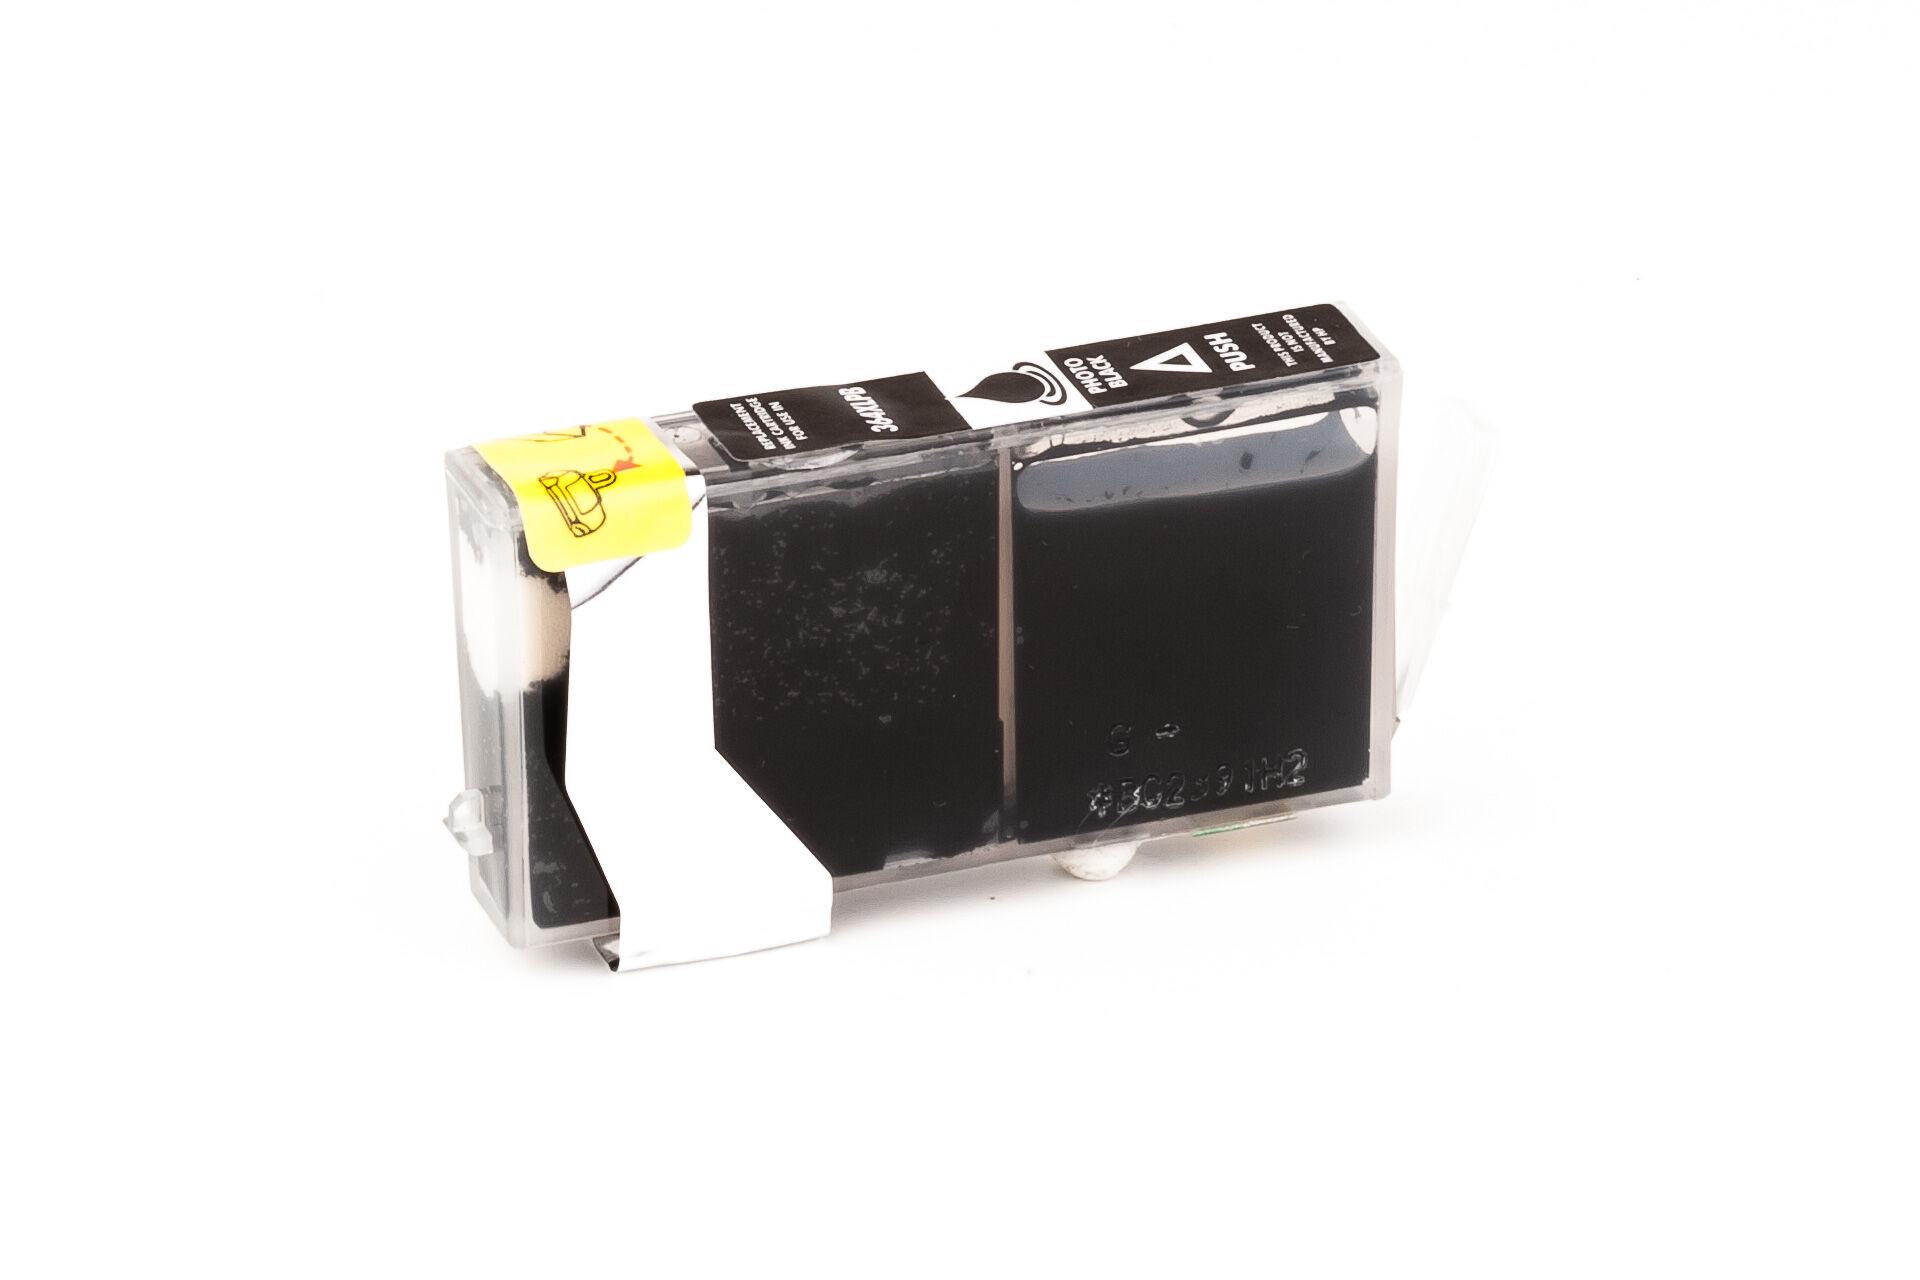 HP Cartouche d'encre pour HP CB322EE / 364XL noir photo compatible (de marque ASC)